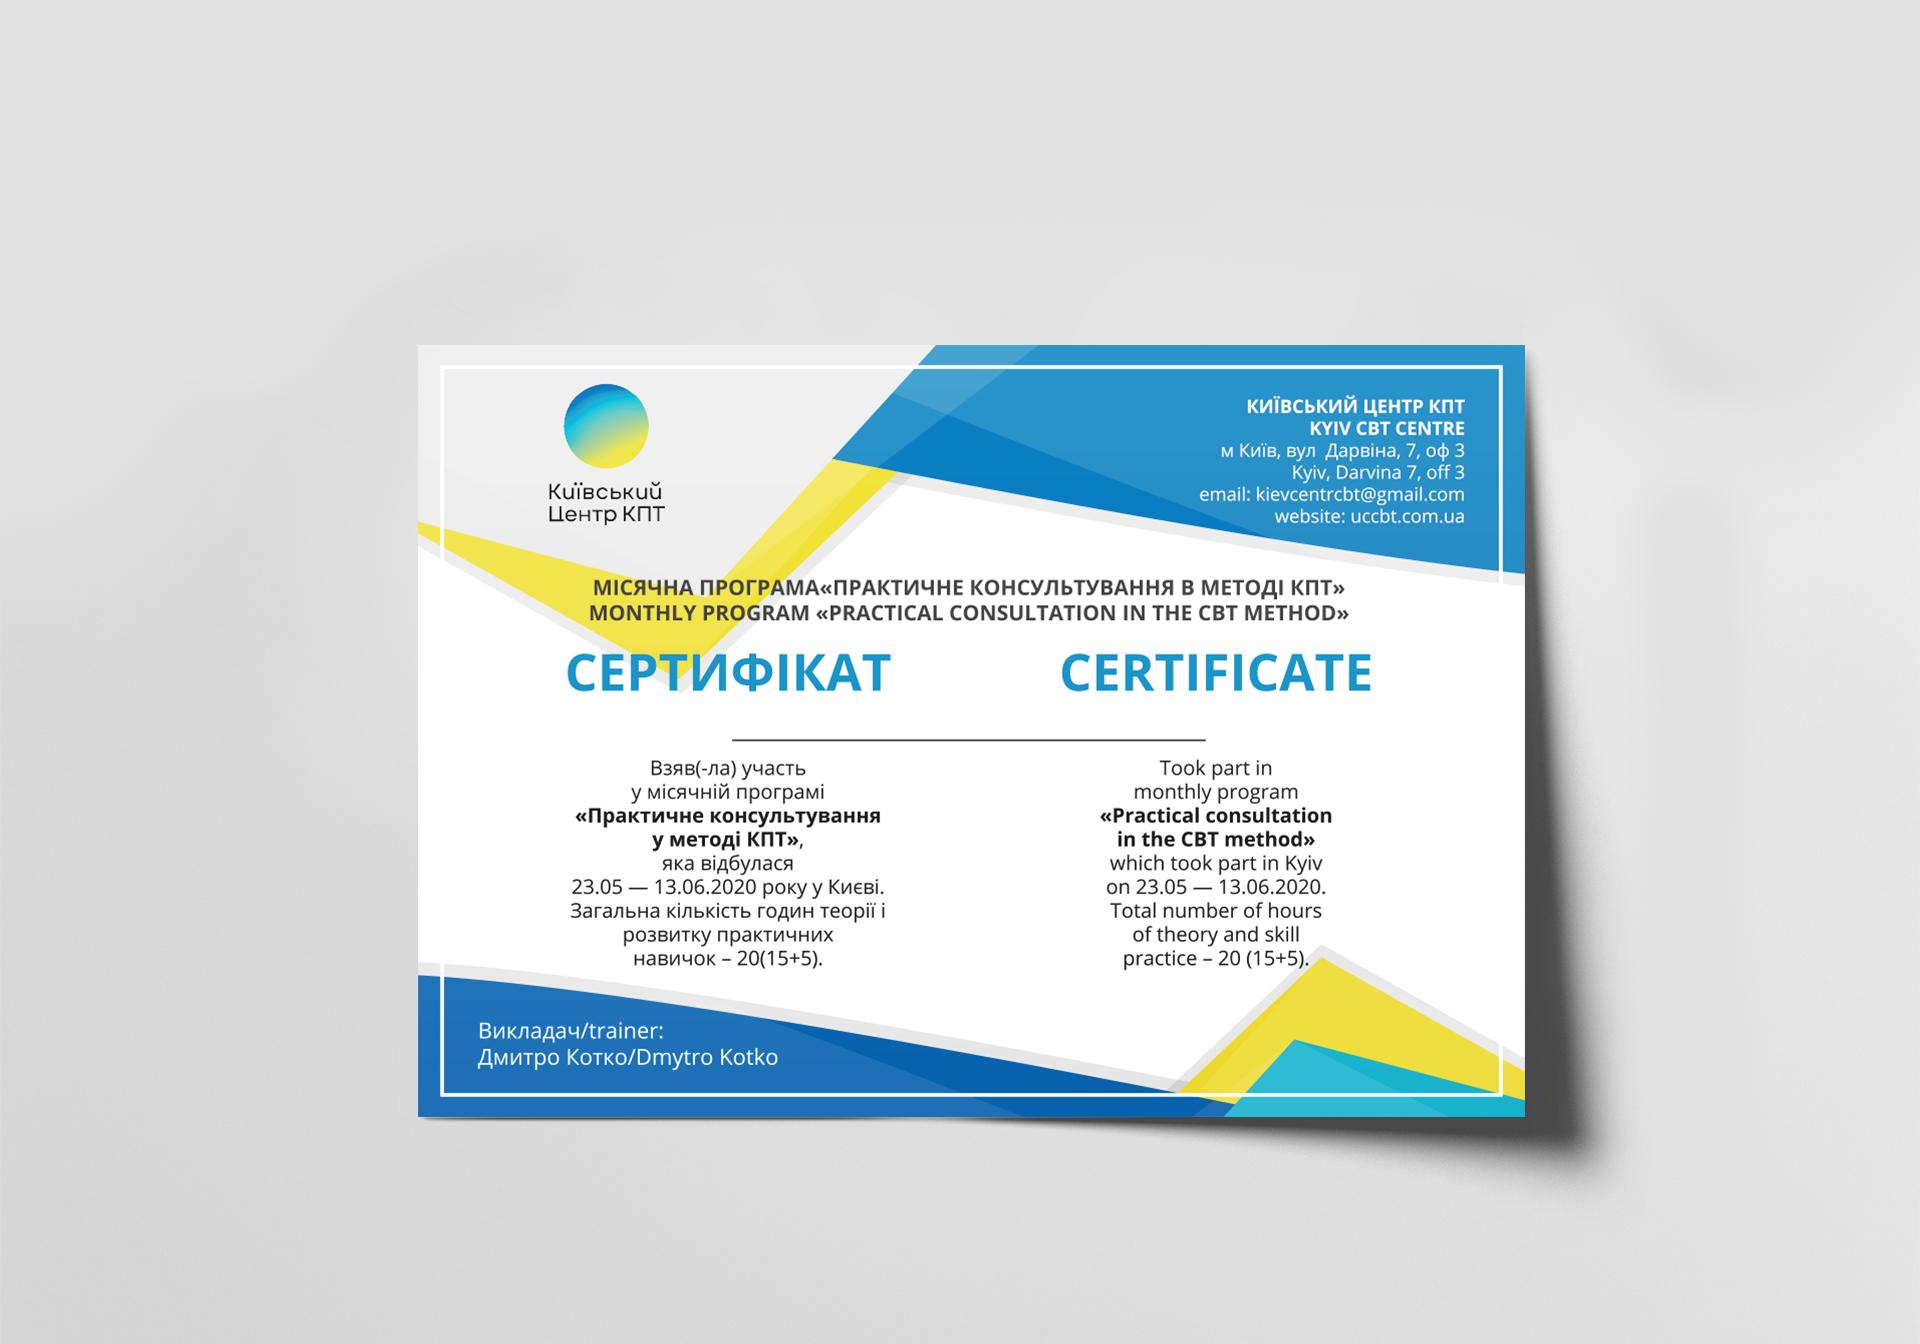 Фото Сертификат для Киевского центра терапии